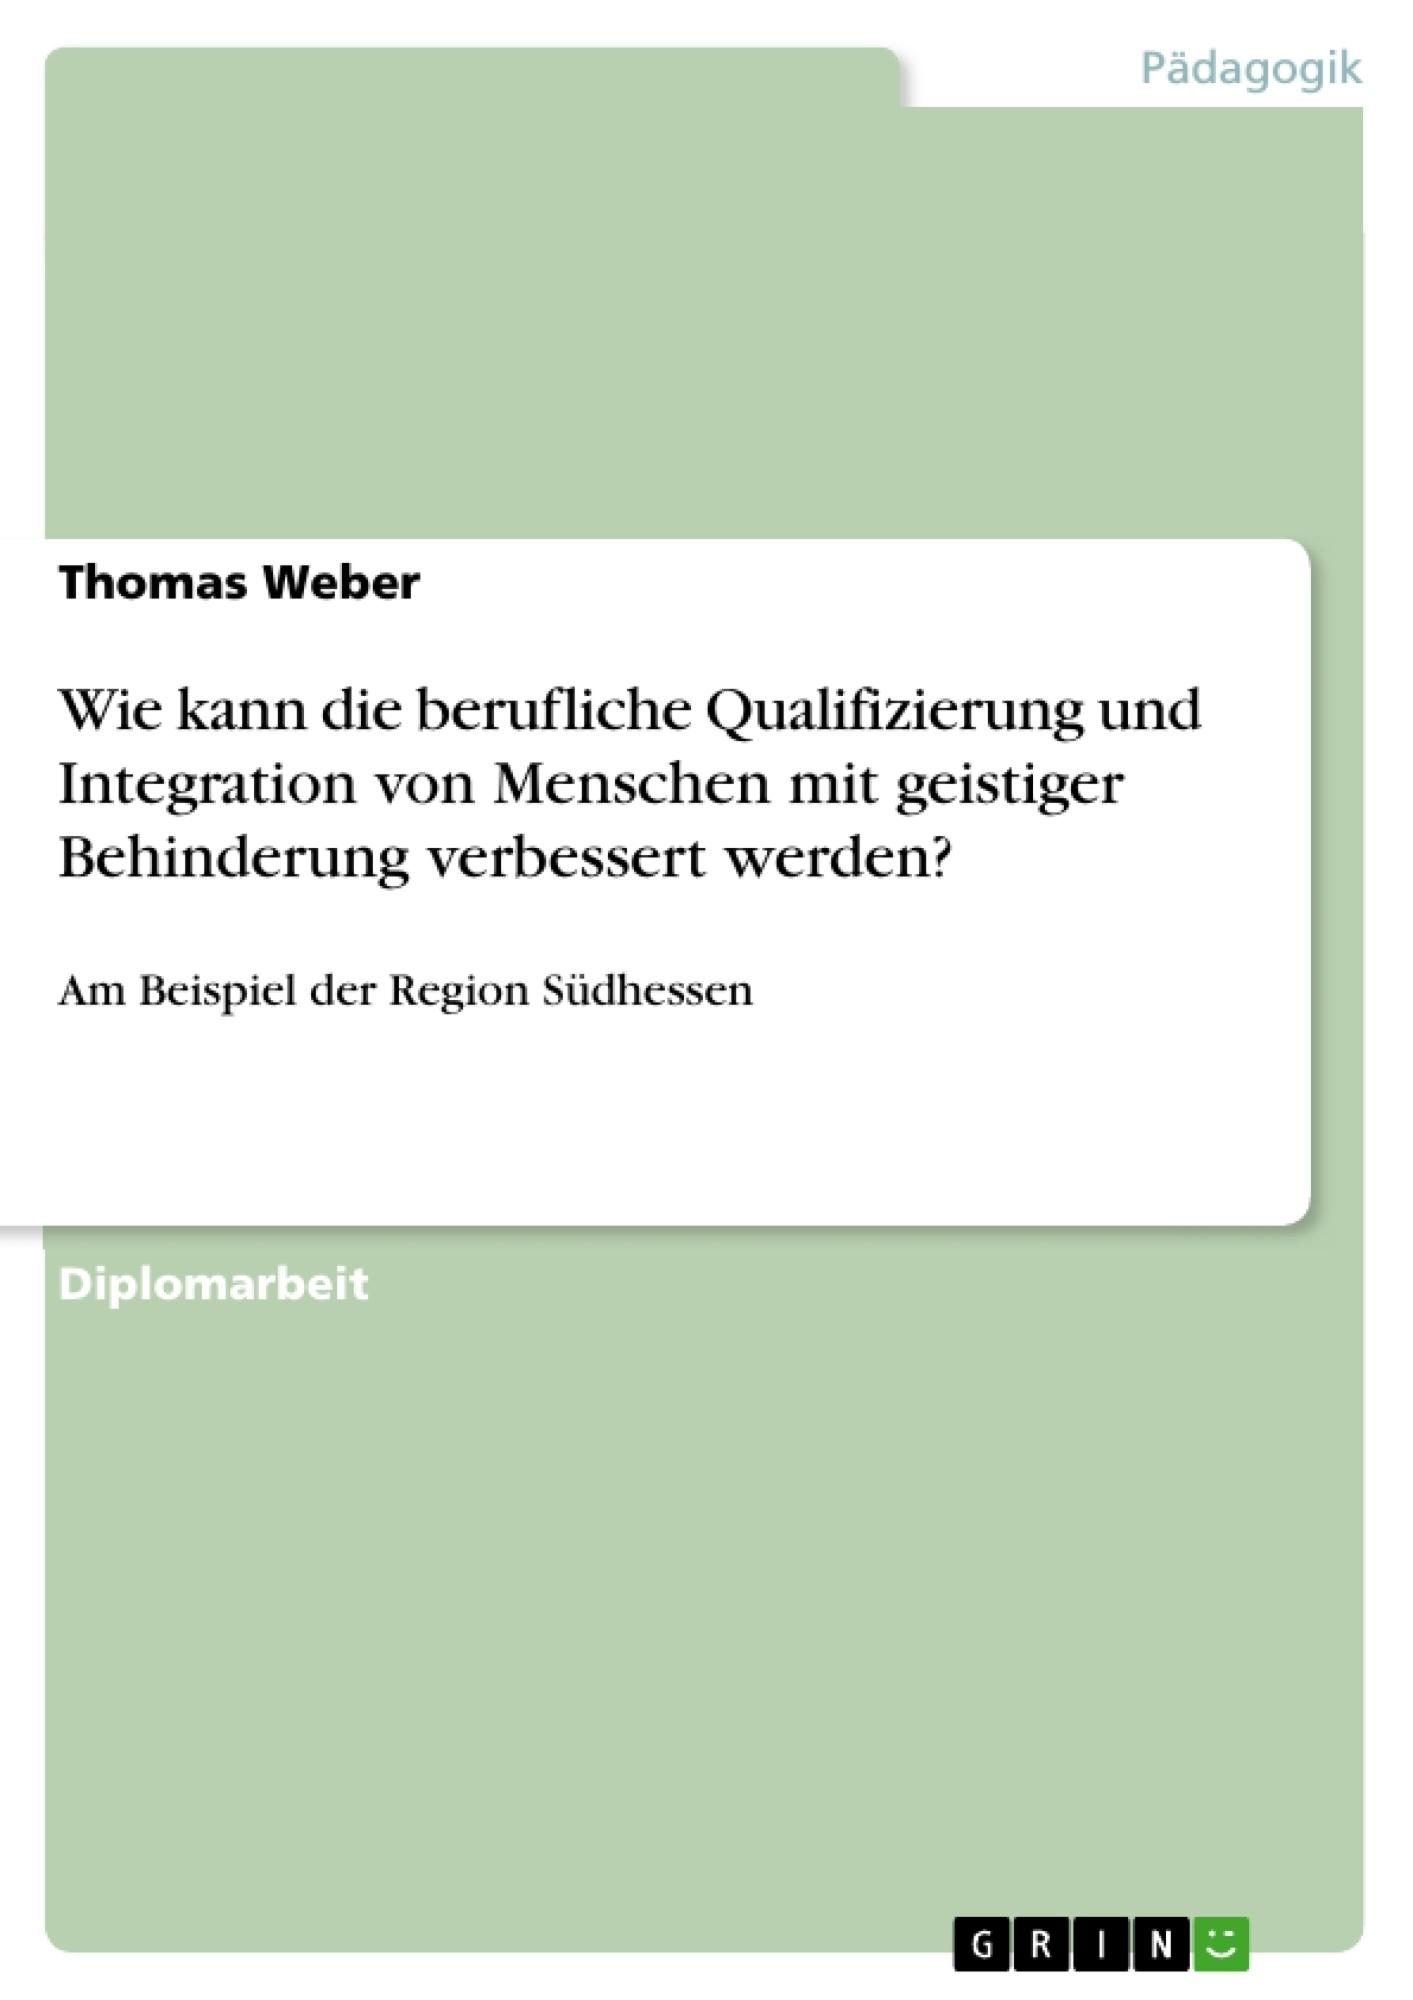 Titel: Wie kann die berufliche Qualifizierung und Integration von Menschen mit geistiger Behinderung verbessert werden?